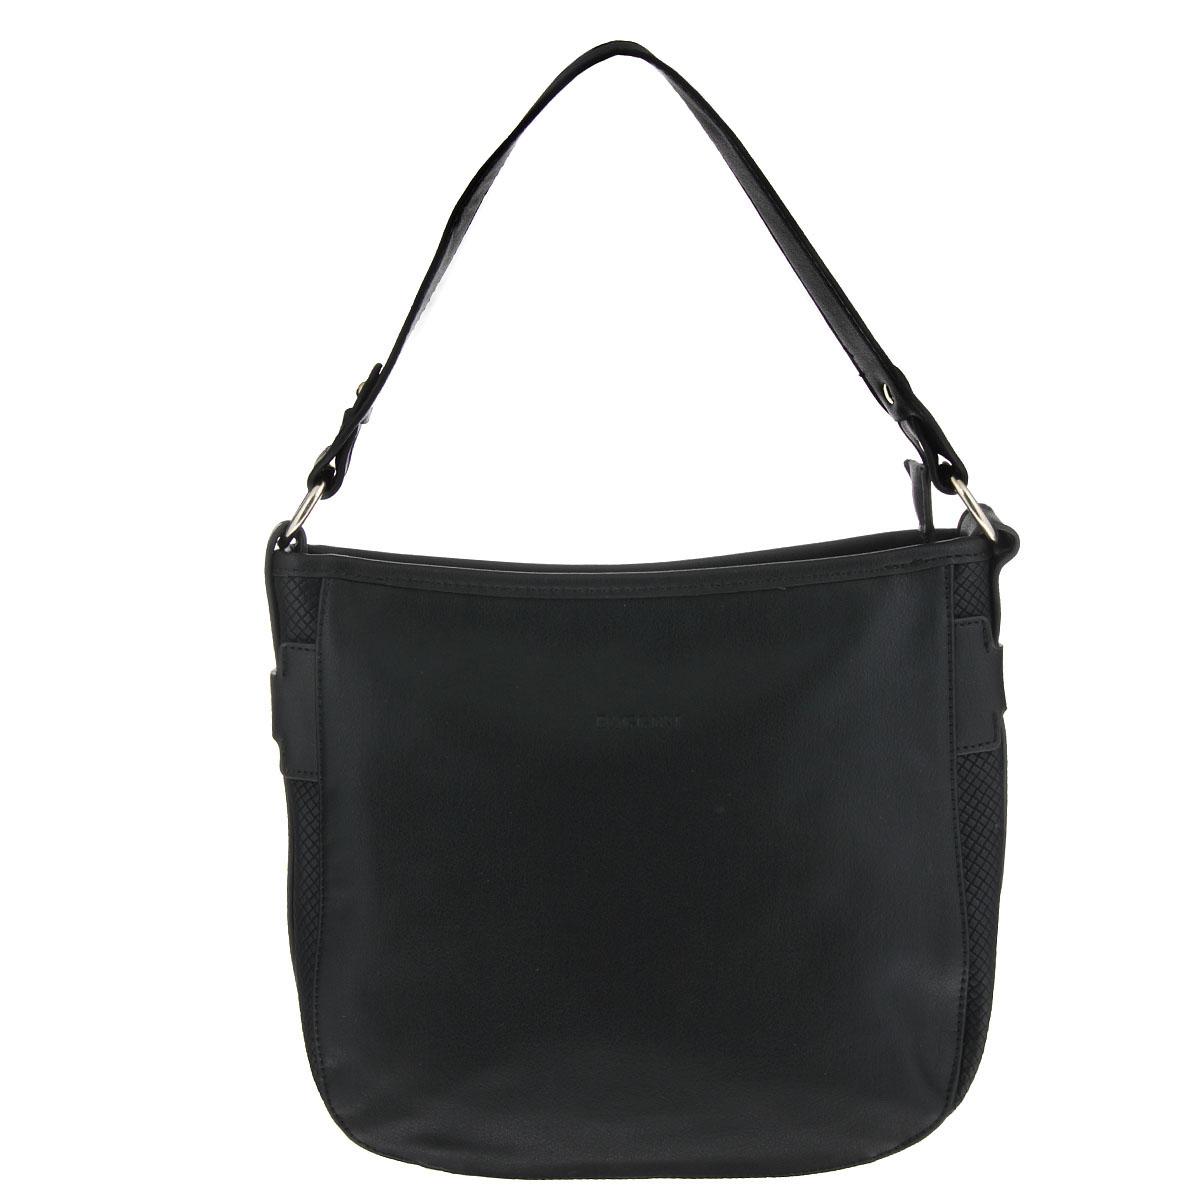 Сумка женская Baggini, цвет: черный. 29452/10A-B86-05-CИзысканная женская сумка Baggini изготовлена из высококачественной искусственной кожи и декорирована вставками с тиснением.Сумка закрывается на застежку-молнию и имеет одно вместительное отделение, разделенное пополам карманом-средником на молнии.Внутри - два накладных кармашка для мелочей, мобильного телефона и втачный карман на застежке-молнии.На внешней задней стороне сумки расположен карман на застежке-молнии.По бокам сумка оформлена декоративными ремешками с металлическими клепками. Элегантная сумка отлично дополнит ваш повседневный и выходной образы, а также подчеркнет ваш отменный вкус.